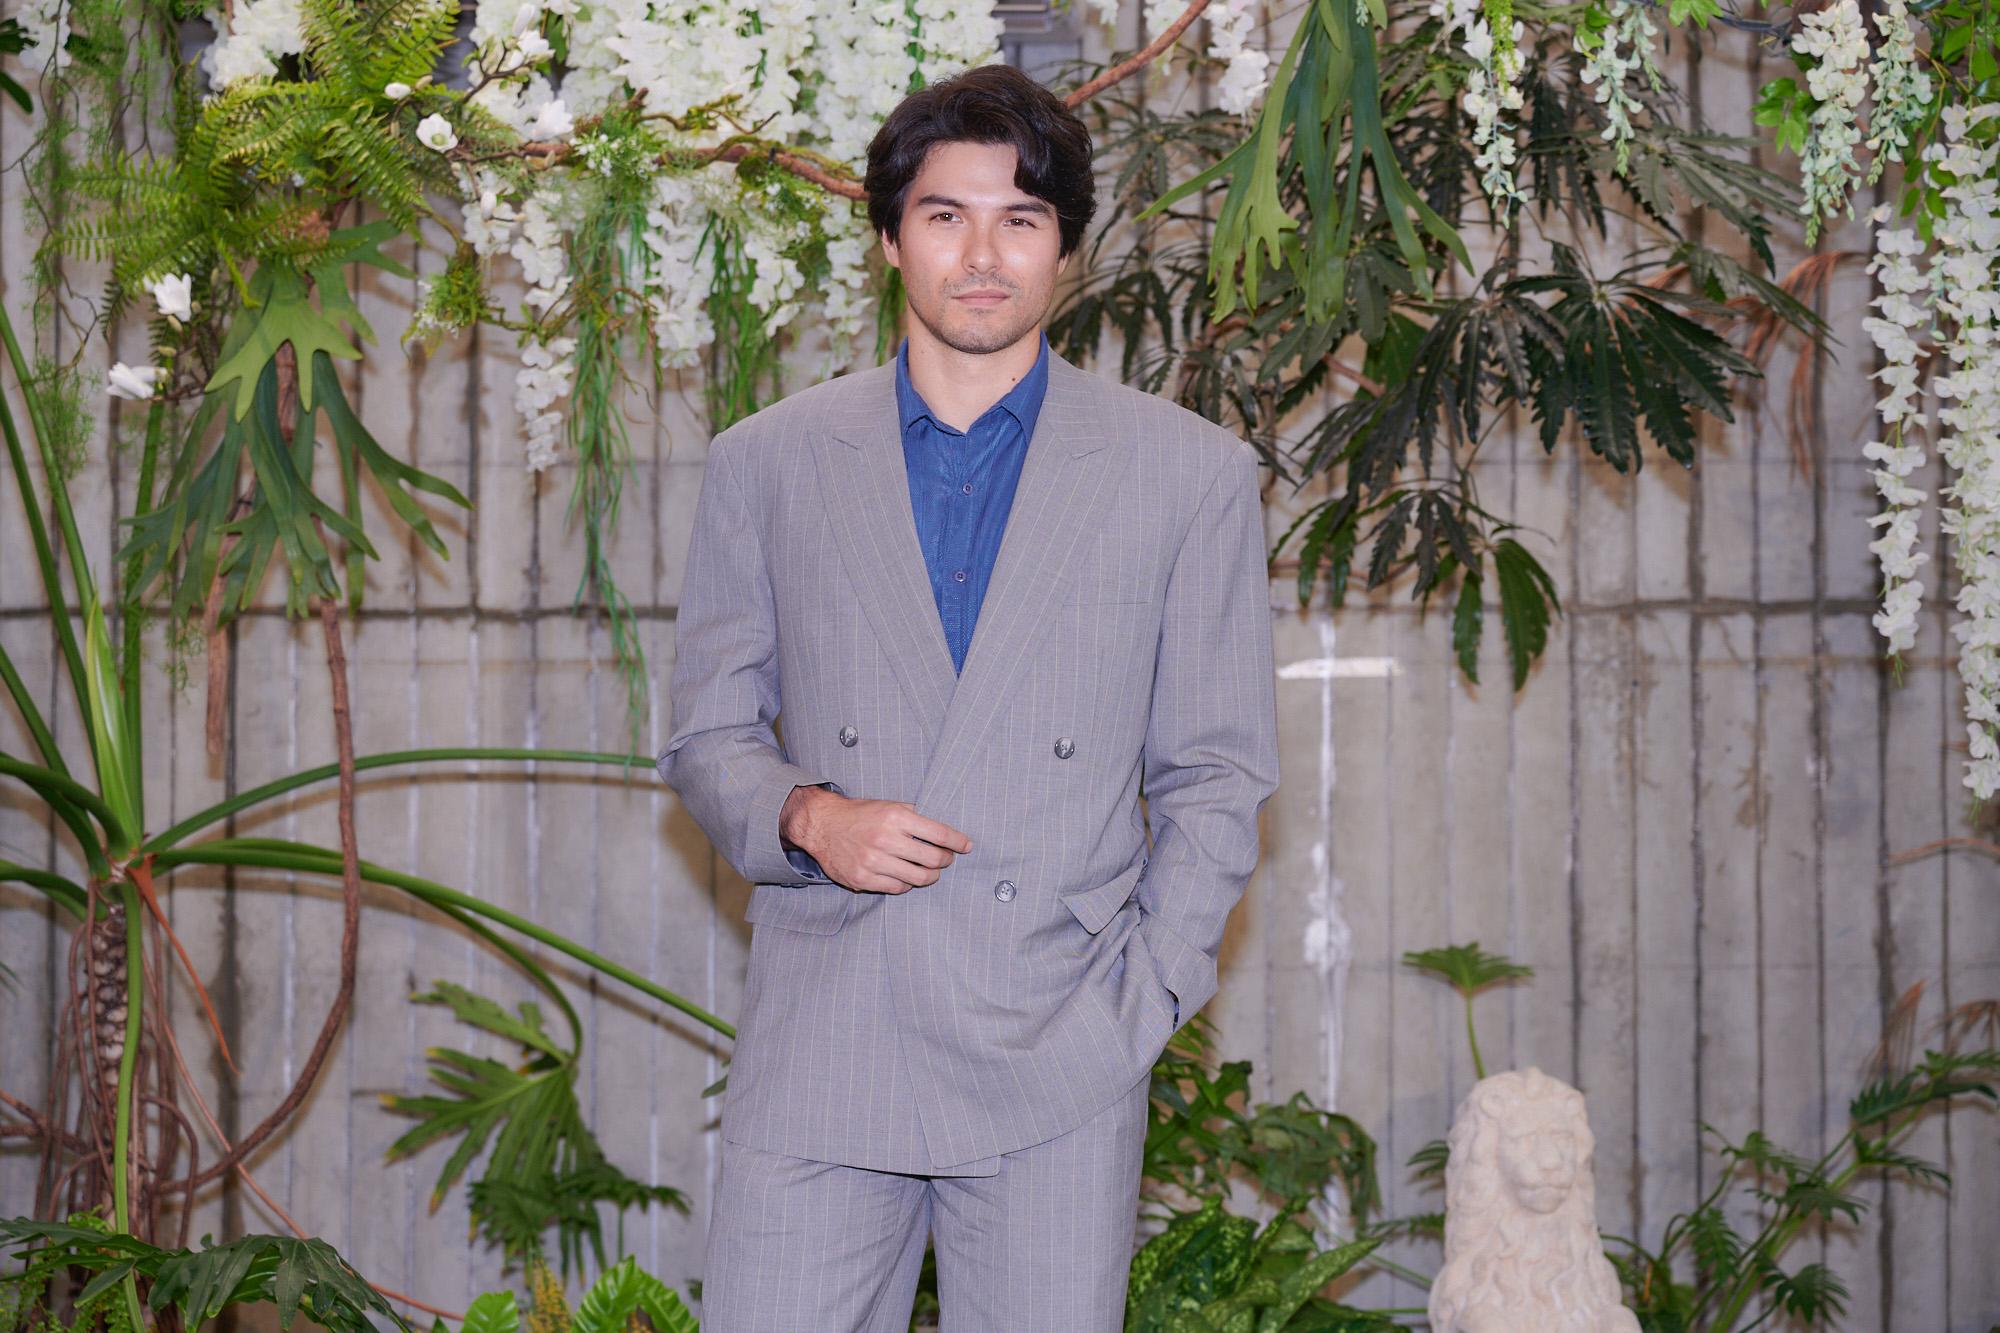 《華燈初上》鳳小岳飾演電視台的才子編劇_百聿數碼提供